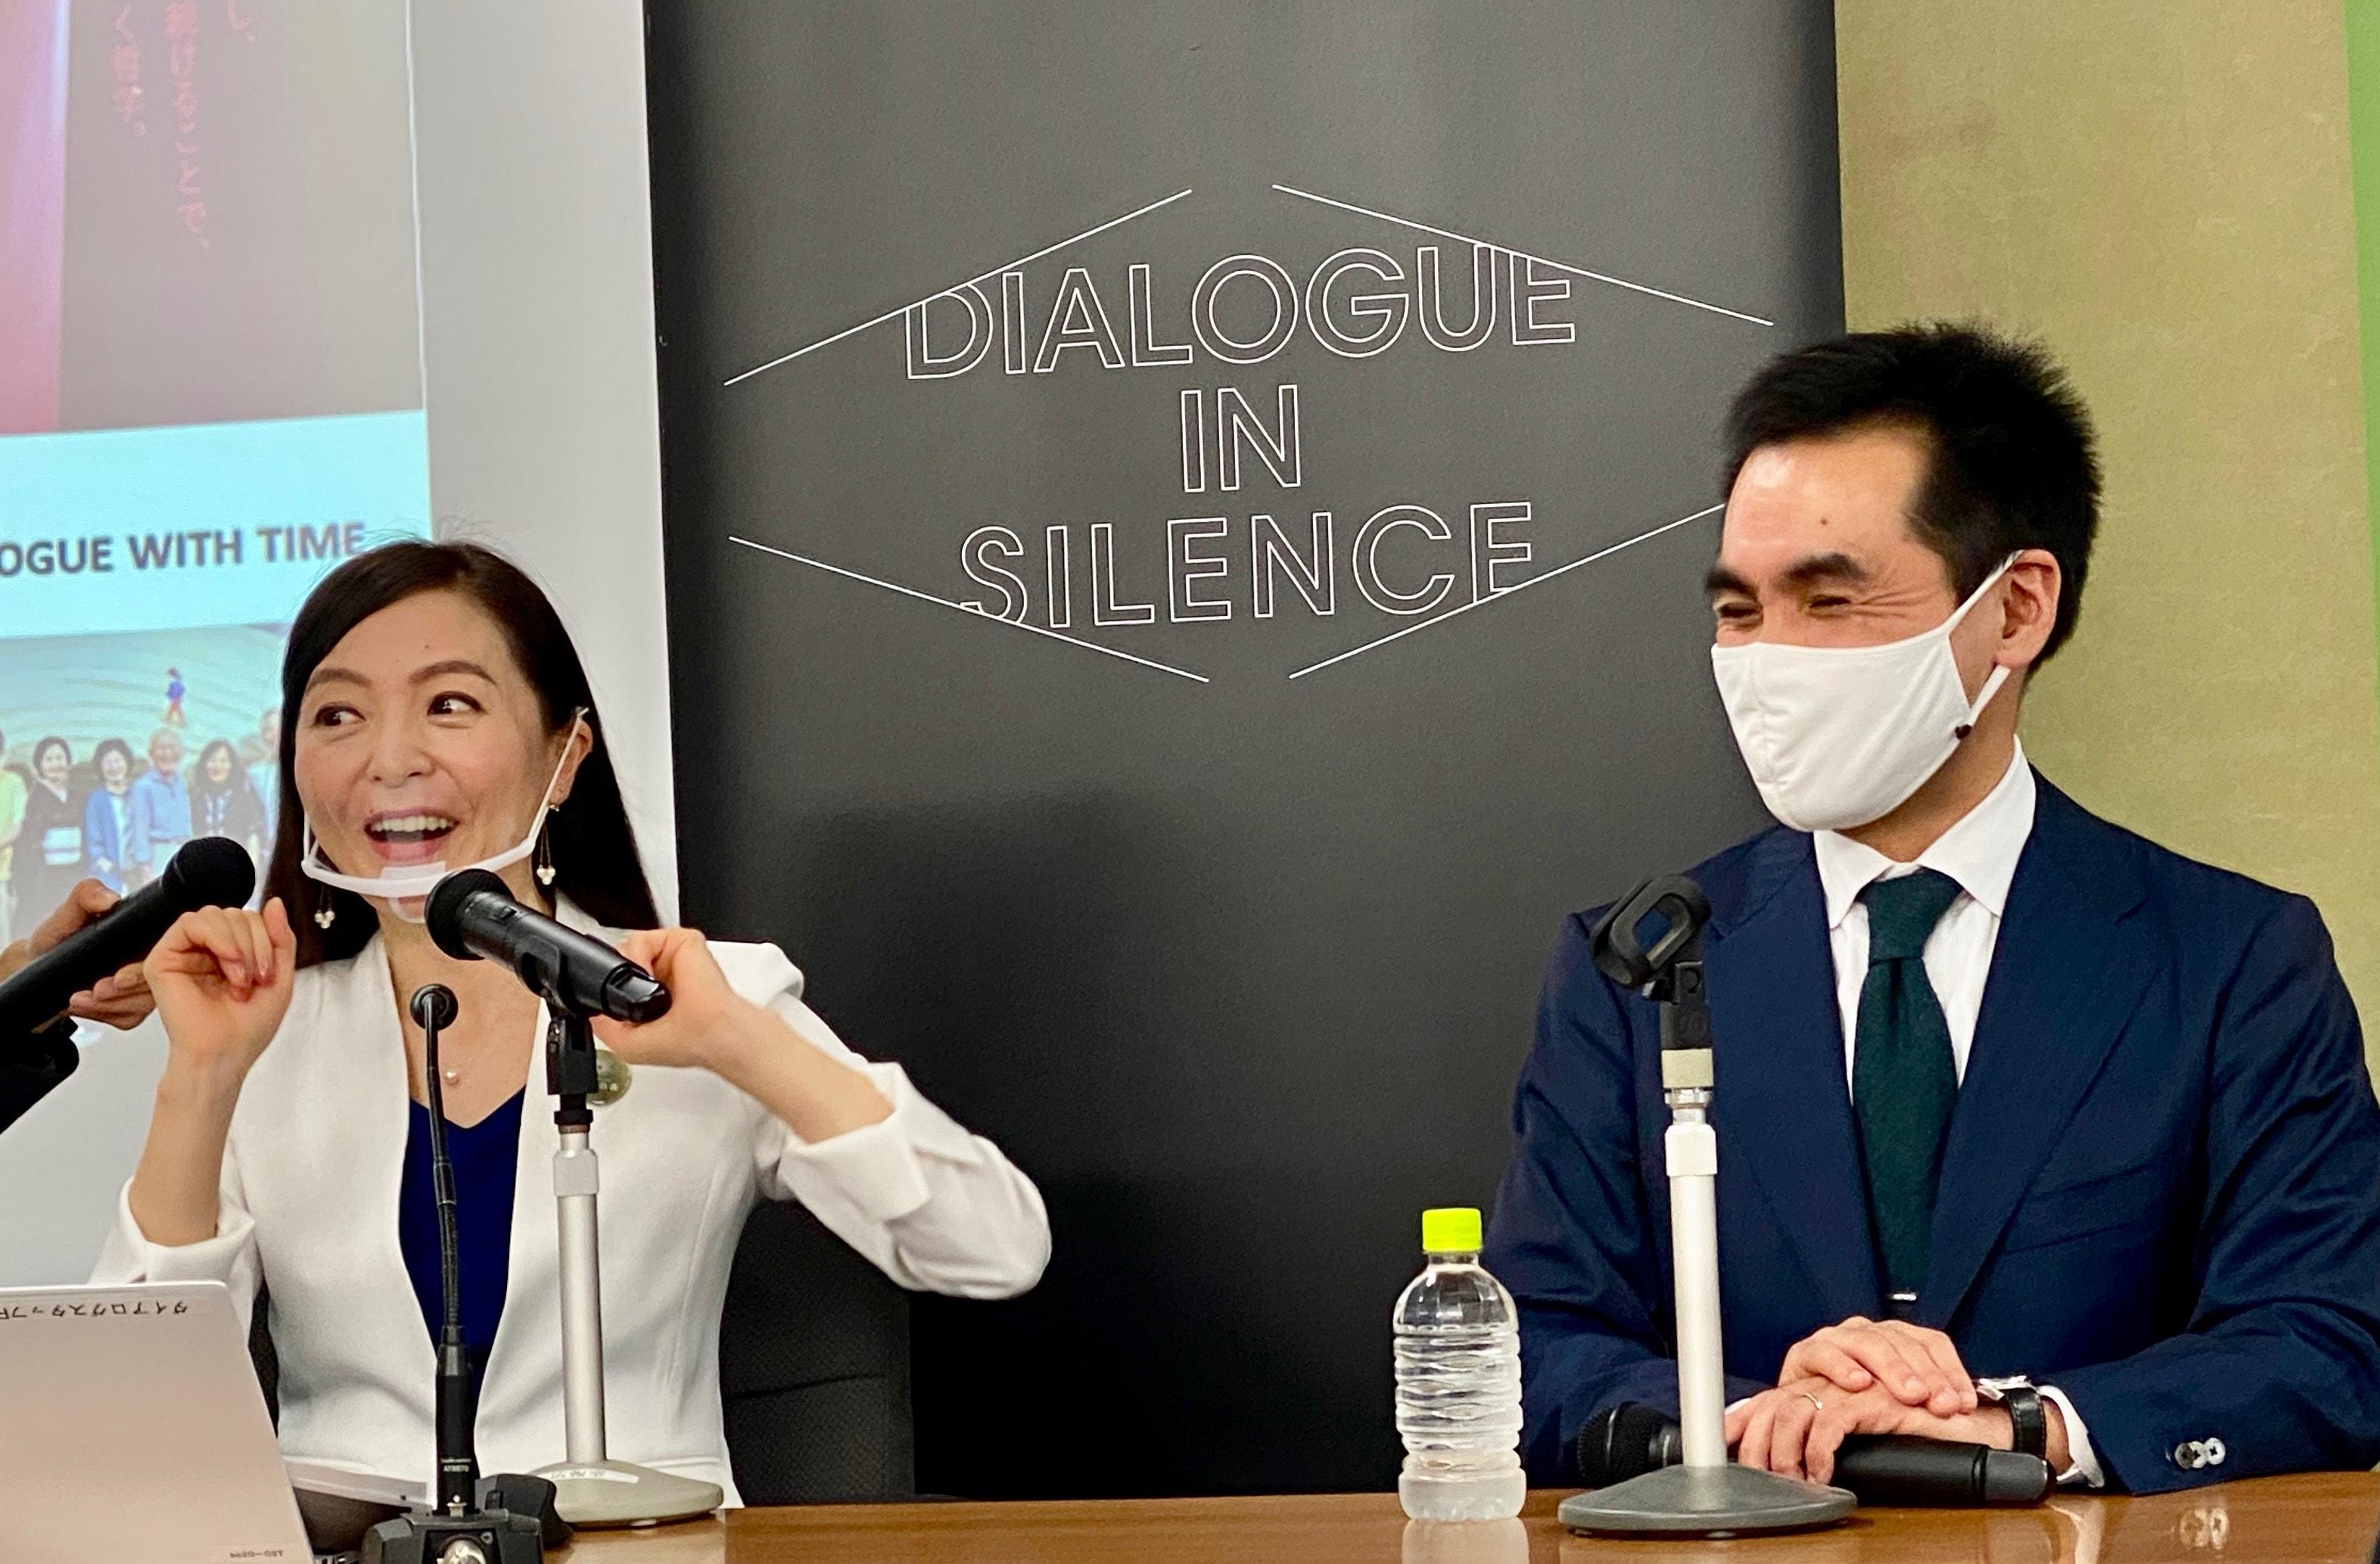 顔のパーツを大きく動かして「マスクでも伝わる笑顔」を実演する松森さん。大胡田弁護士も笑顔